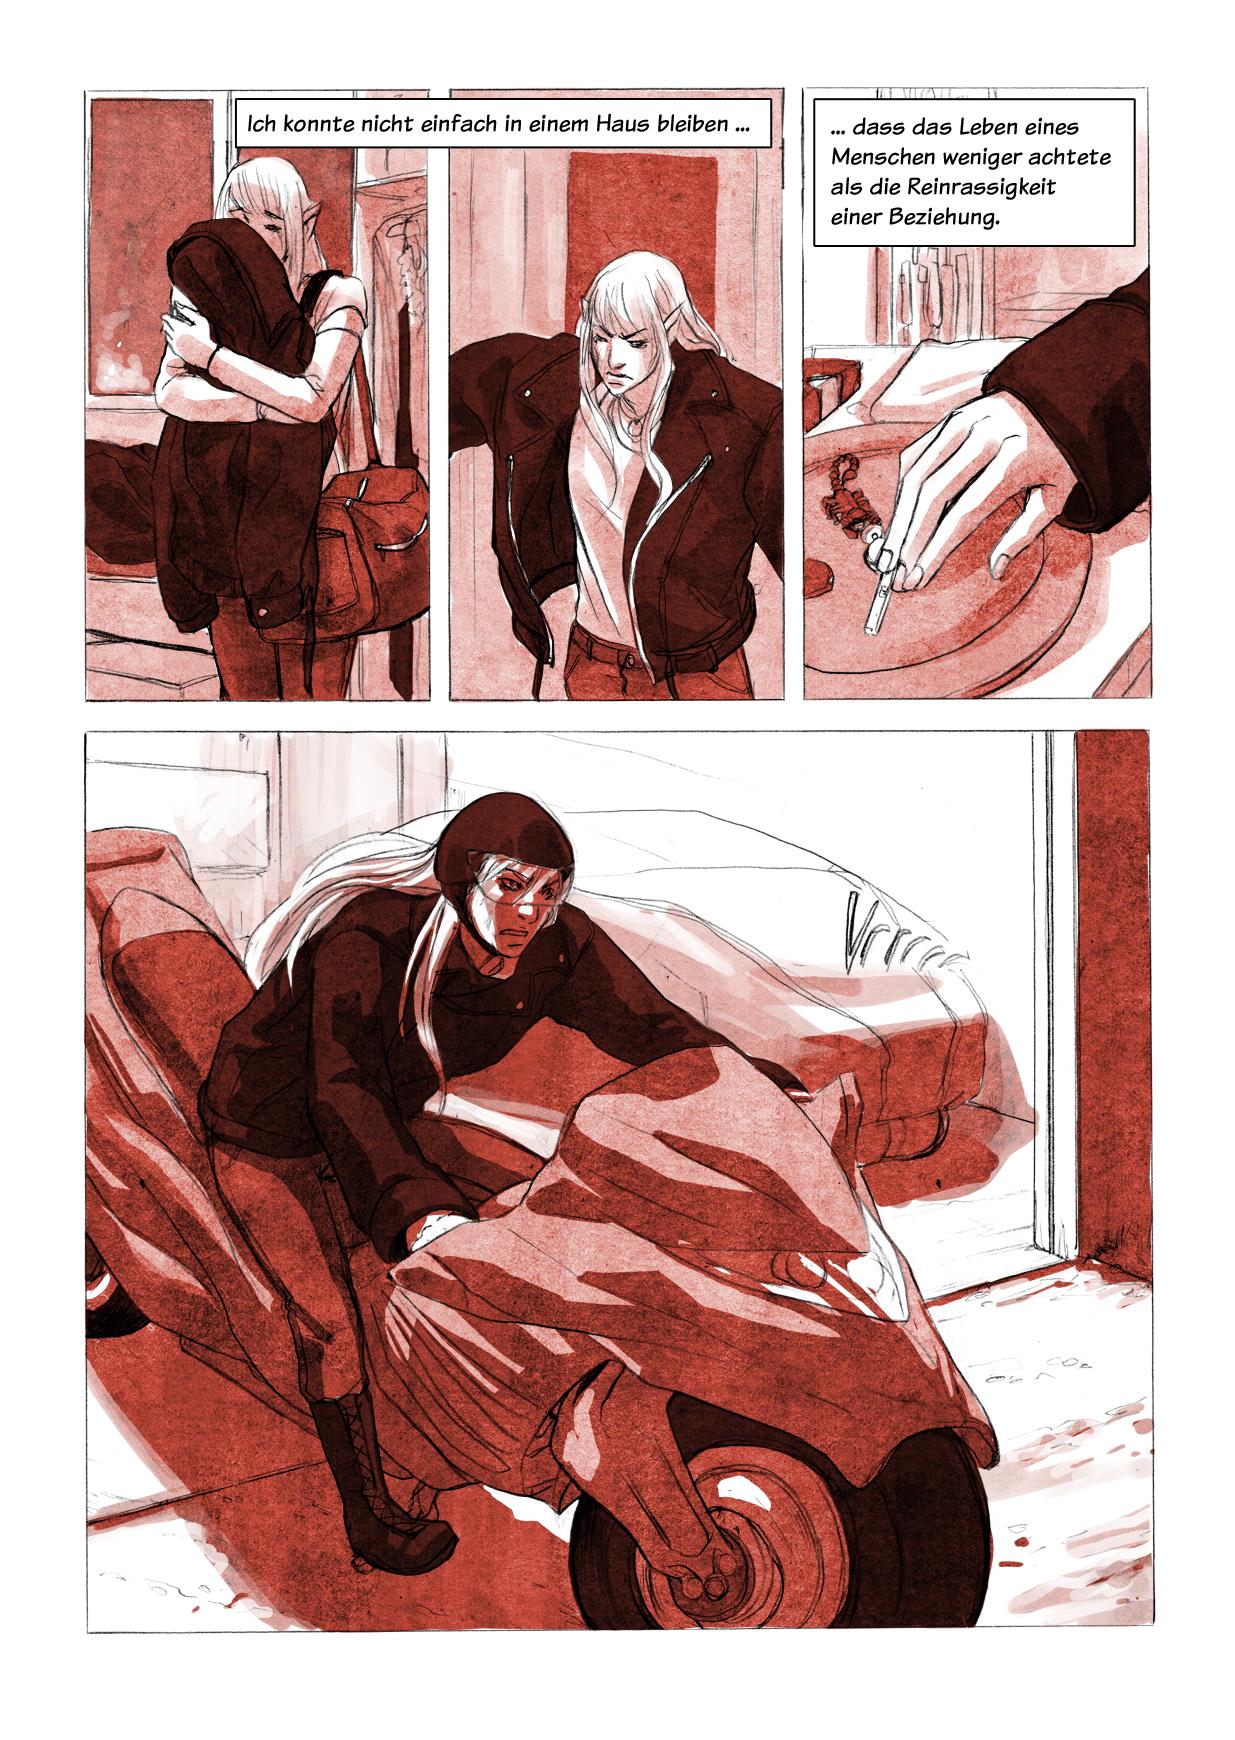 Buch 01, Spezial 01 – Seite 21